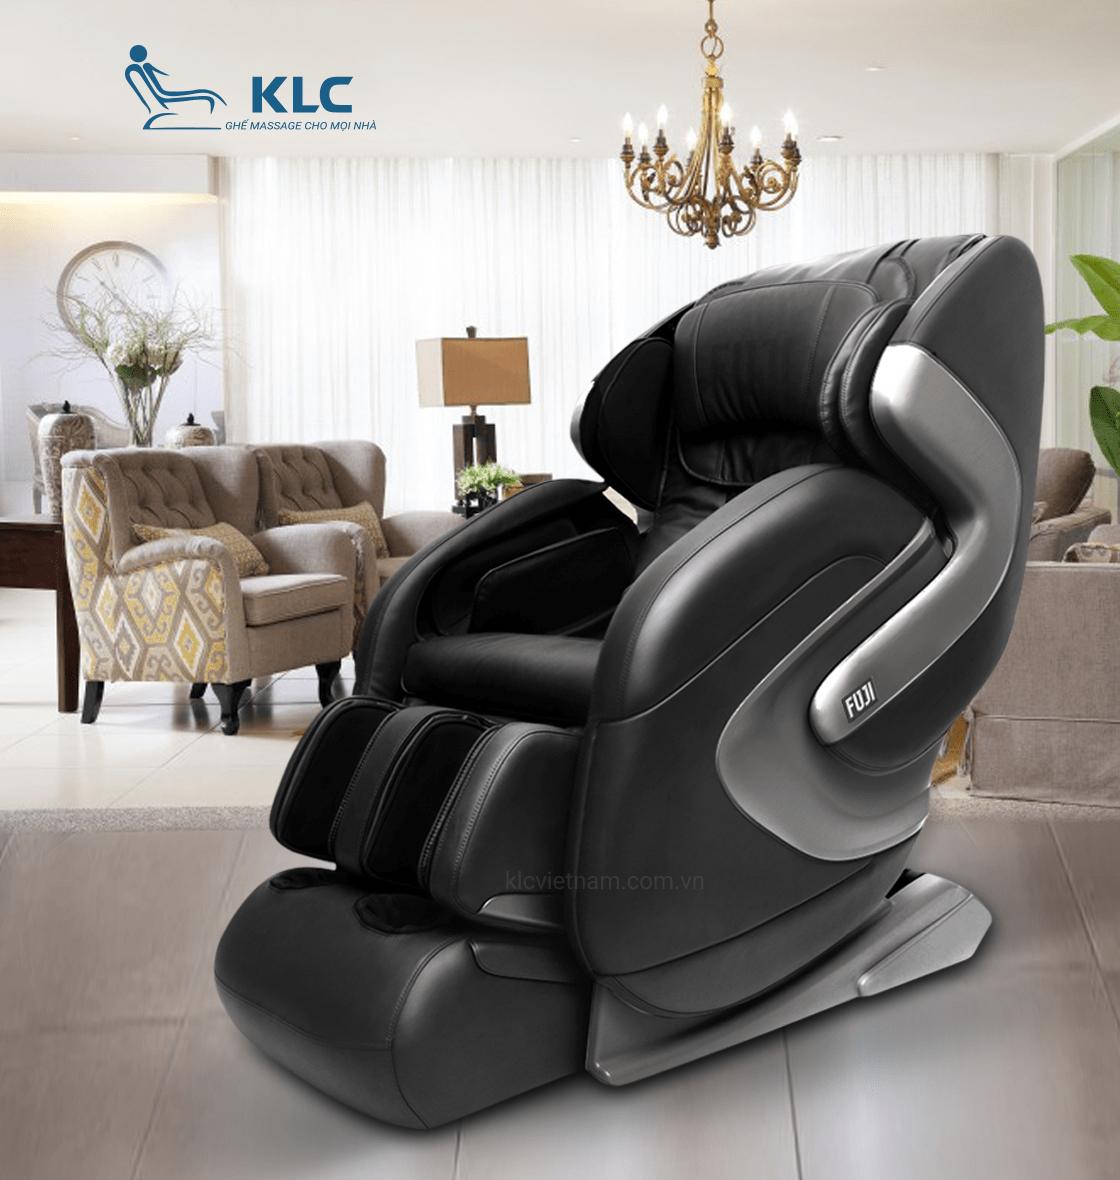 Tư vấn giúp bạn vị trí đặt ghế massage toàn thân trong nhà